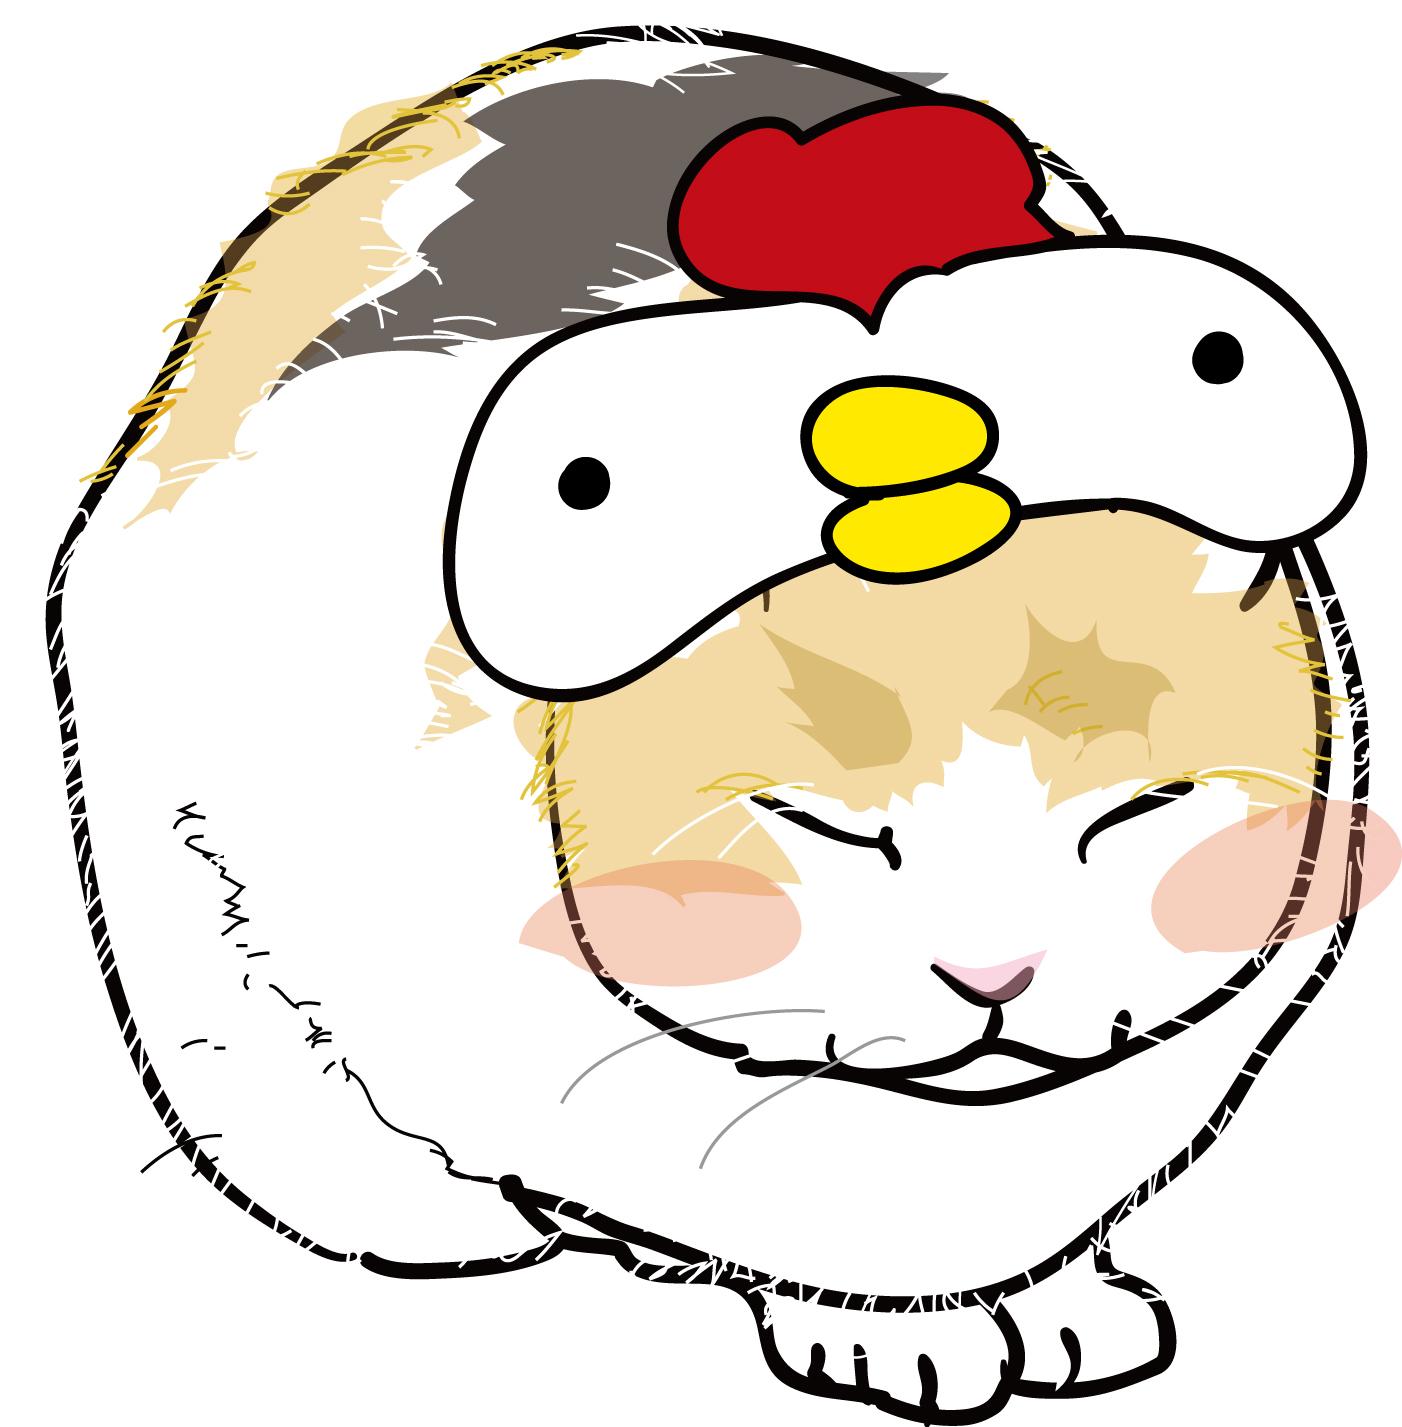 年賀状2017イラスト素材「酉(とり)」にわとり帽子の猫ダウンロード